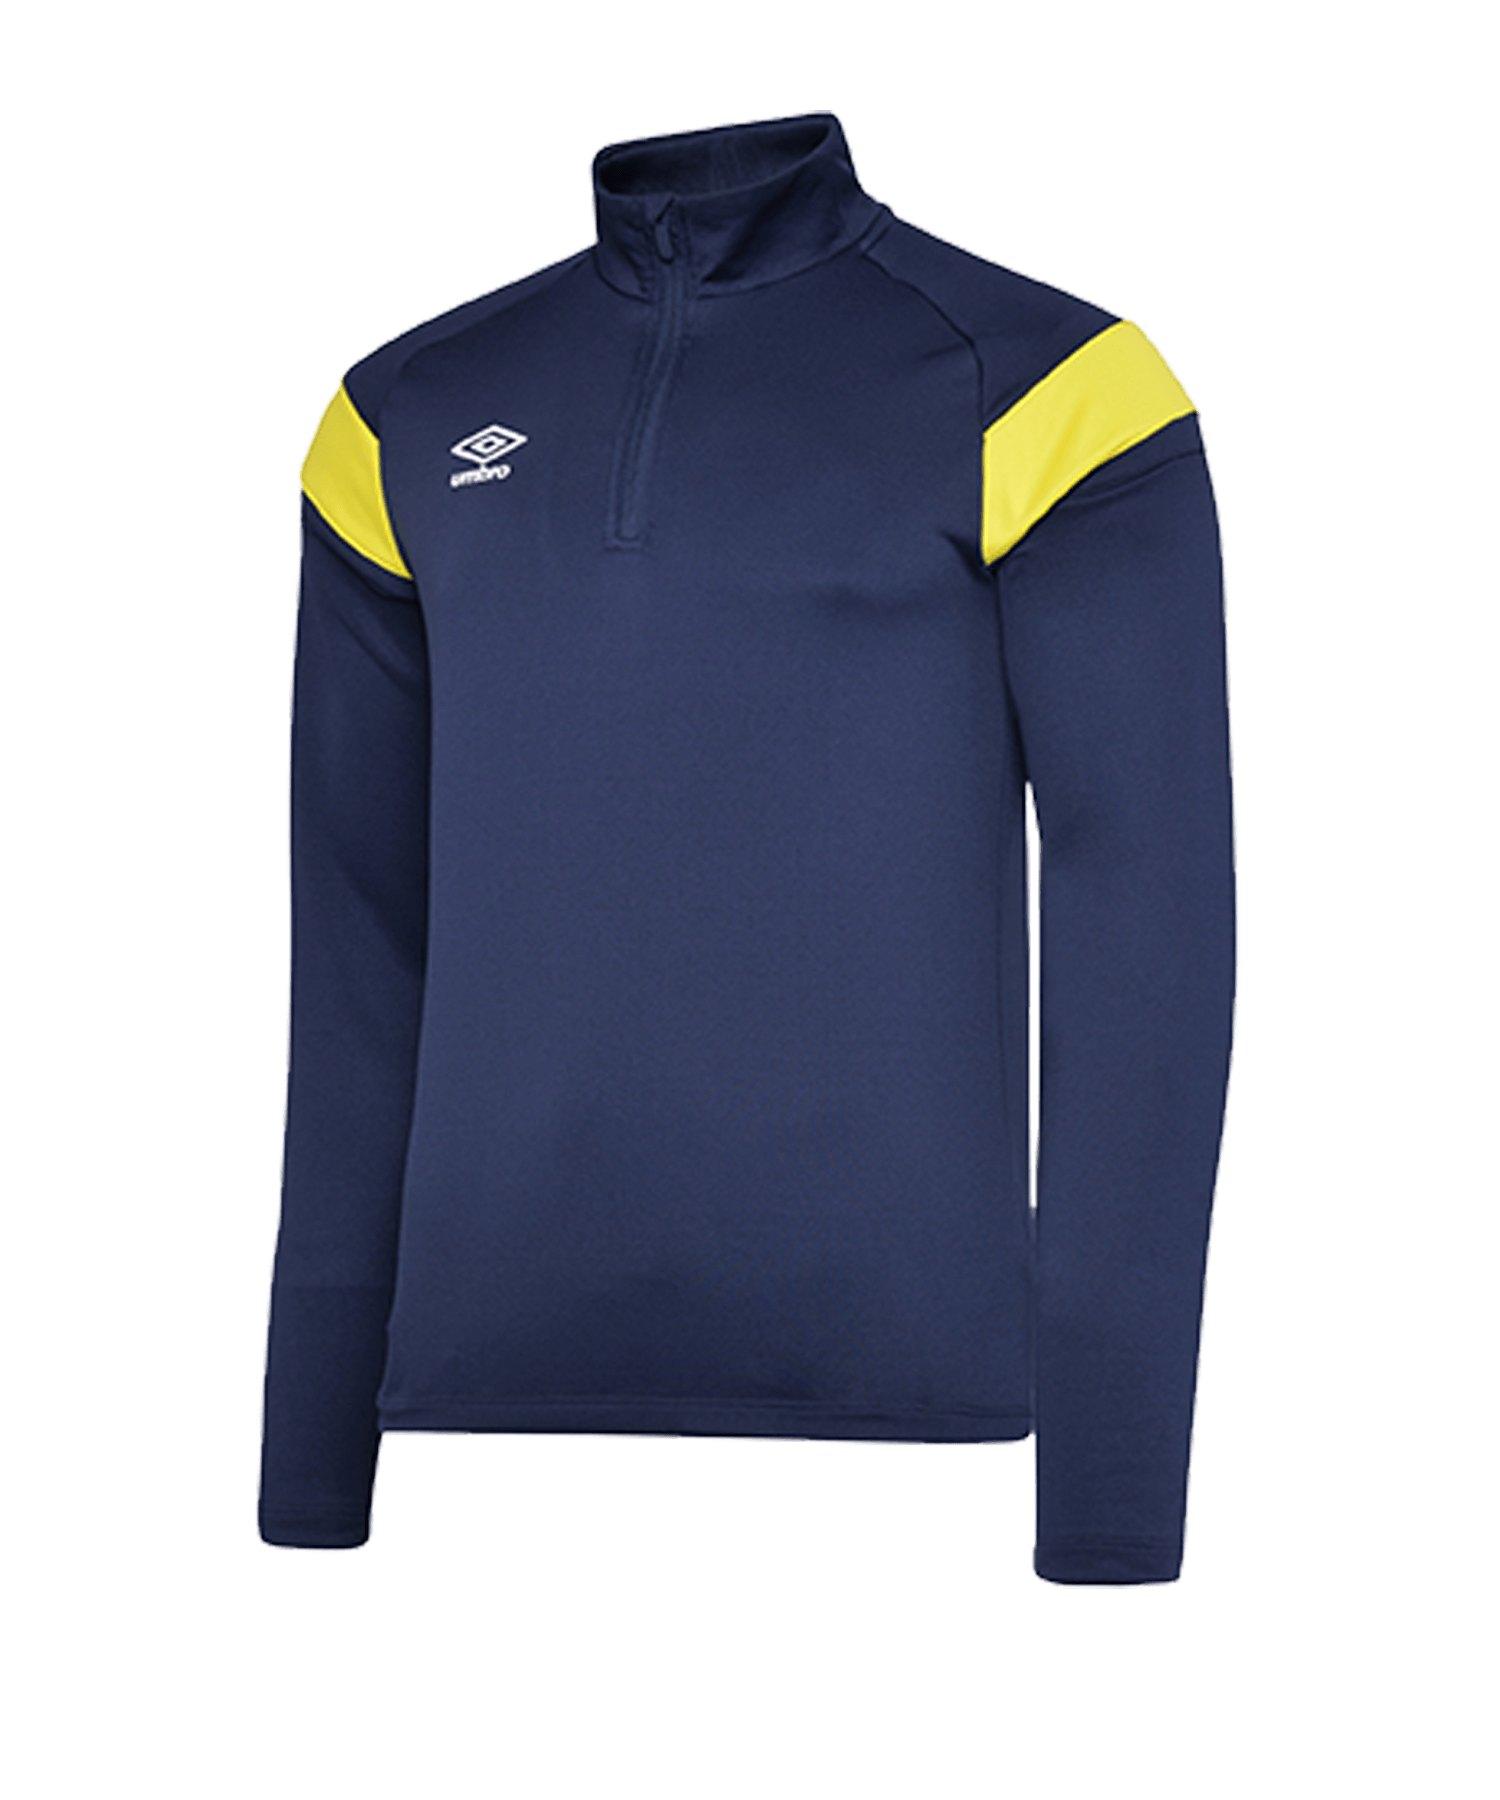 Umbro 1/2 Zip Sweatshirt Blau Gelb FGNF - blau